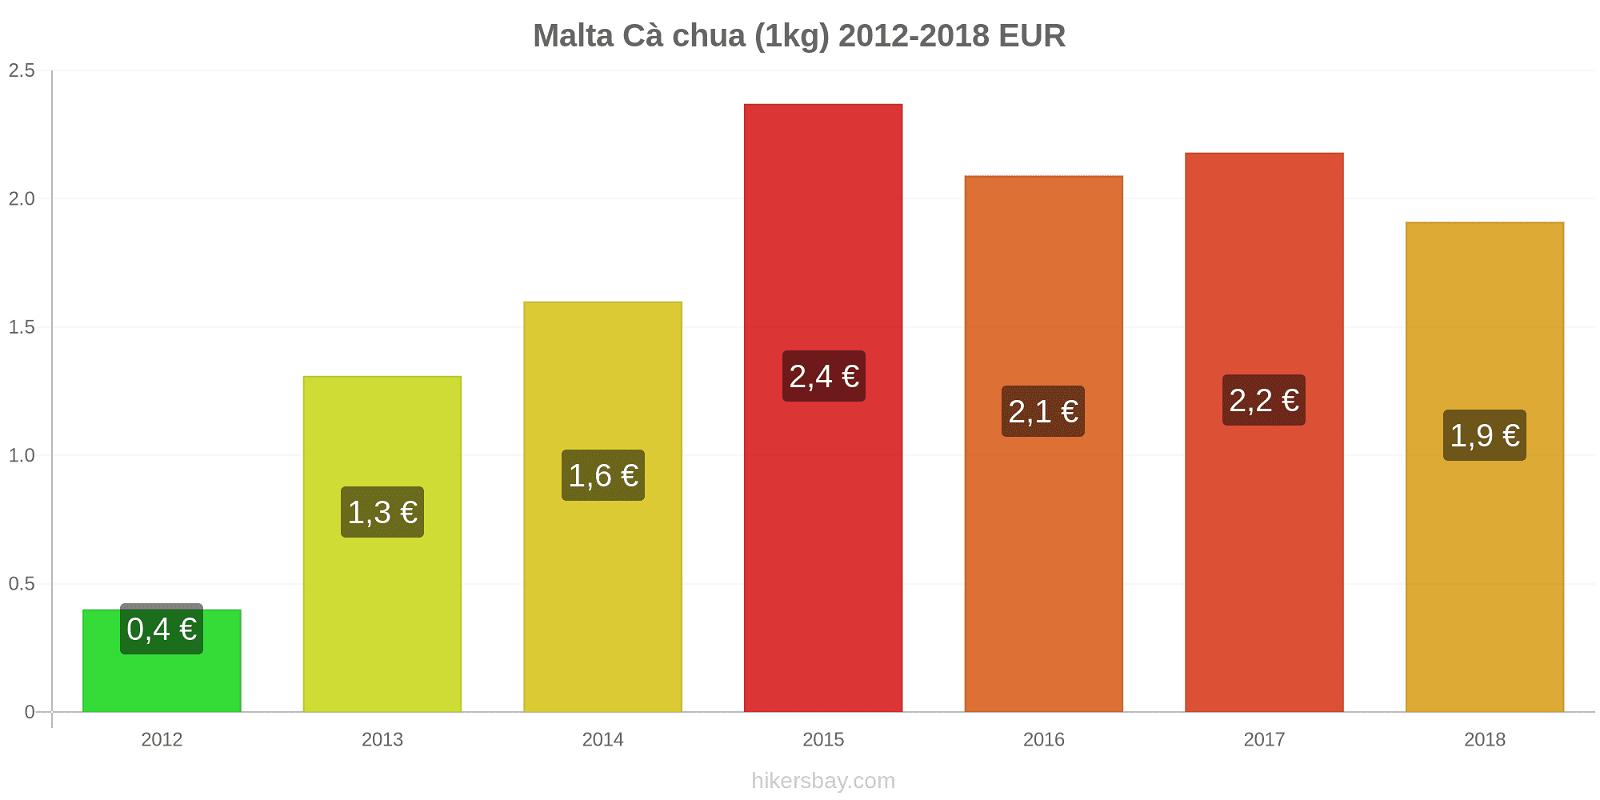 Malta thay đổi giá Cà chua (1kg) hikersbay.com